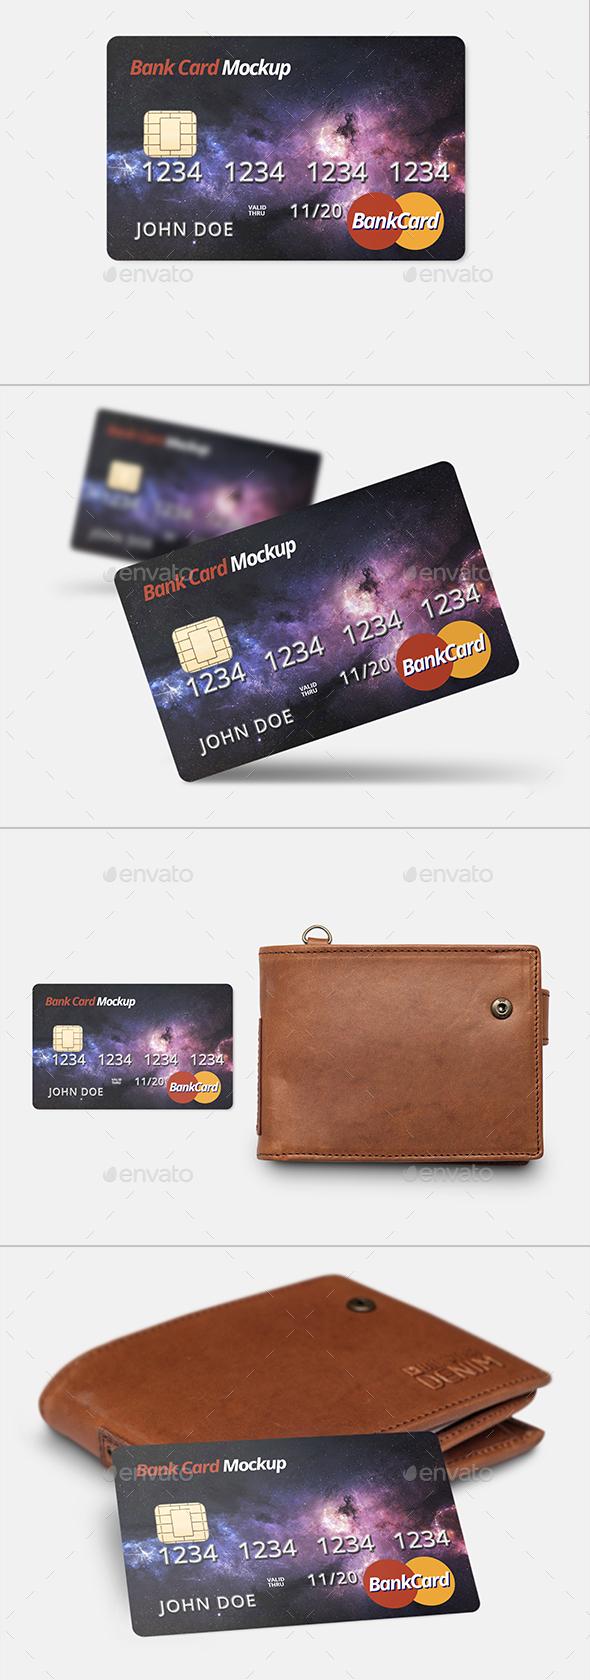 Credit Card Bank Mockup